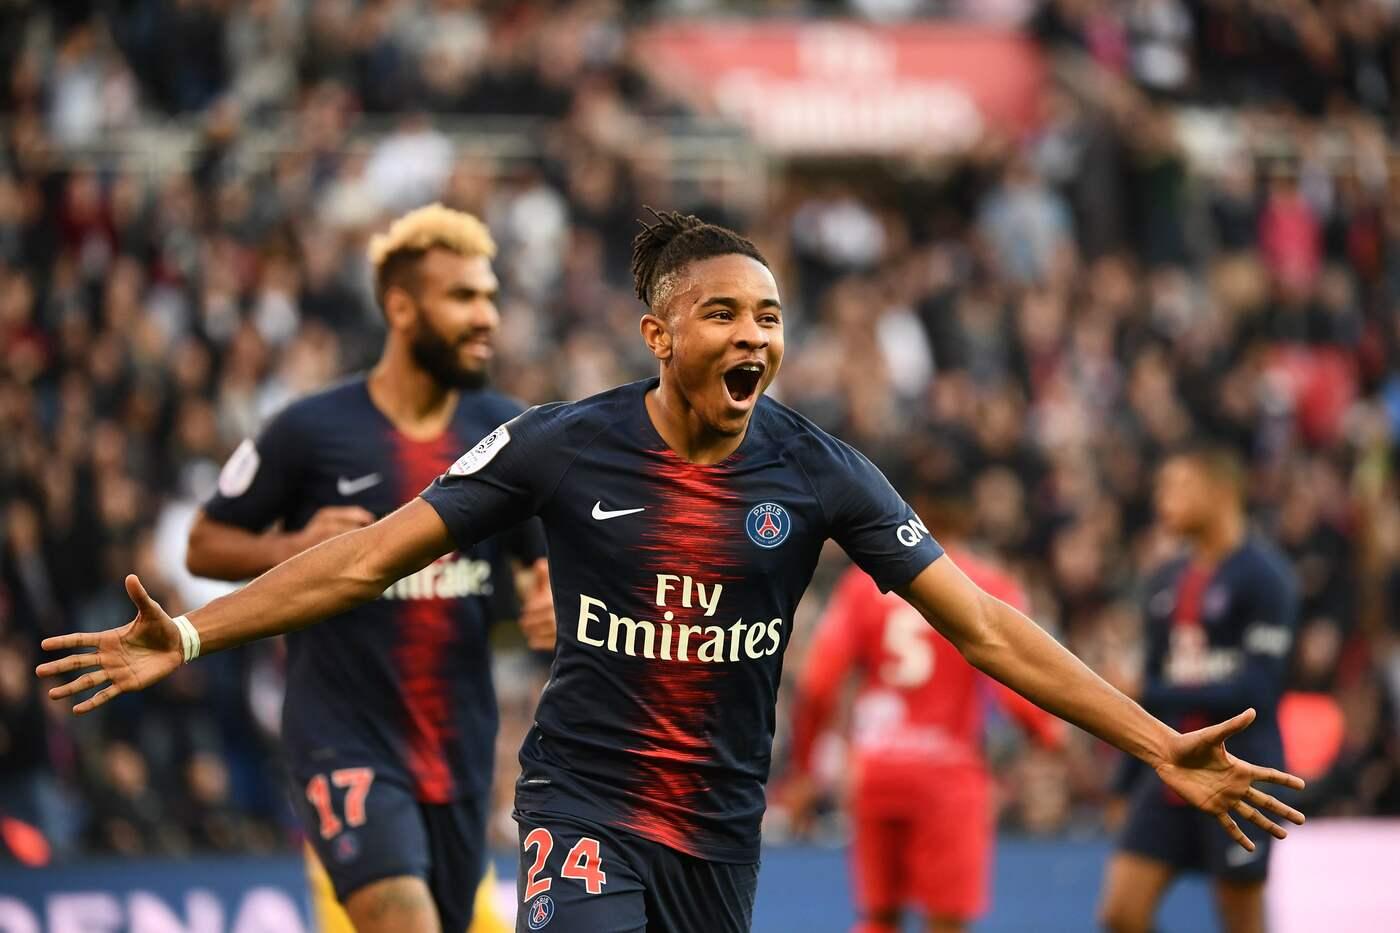 Nantes-PSG 17 aprile: si gioca il recupero della 28 esima giornata della Serie A francese. Arriverà il titolo per gli uomini di Tuchel?